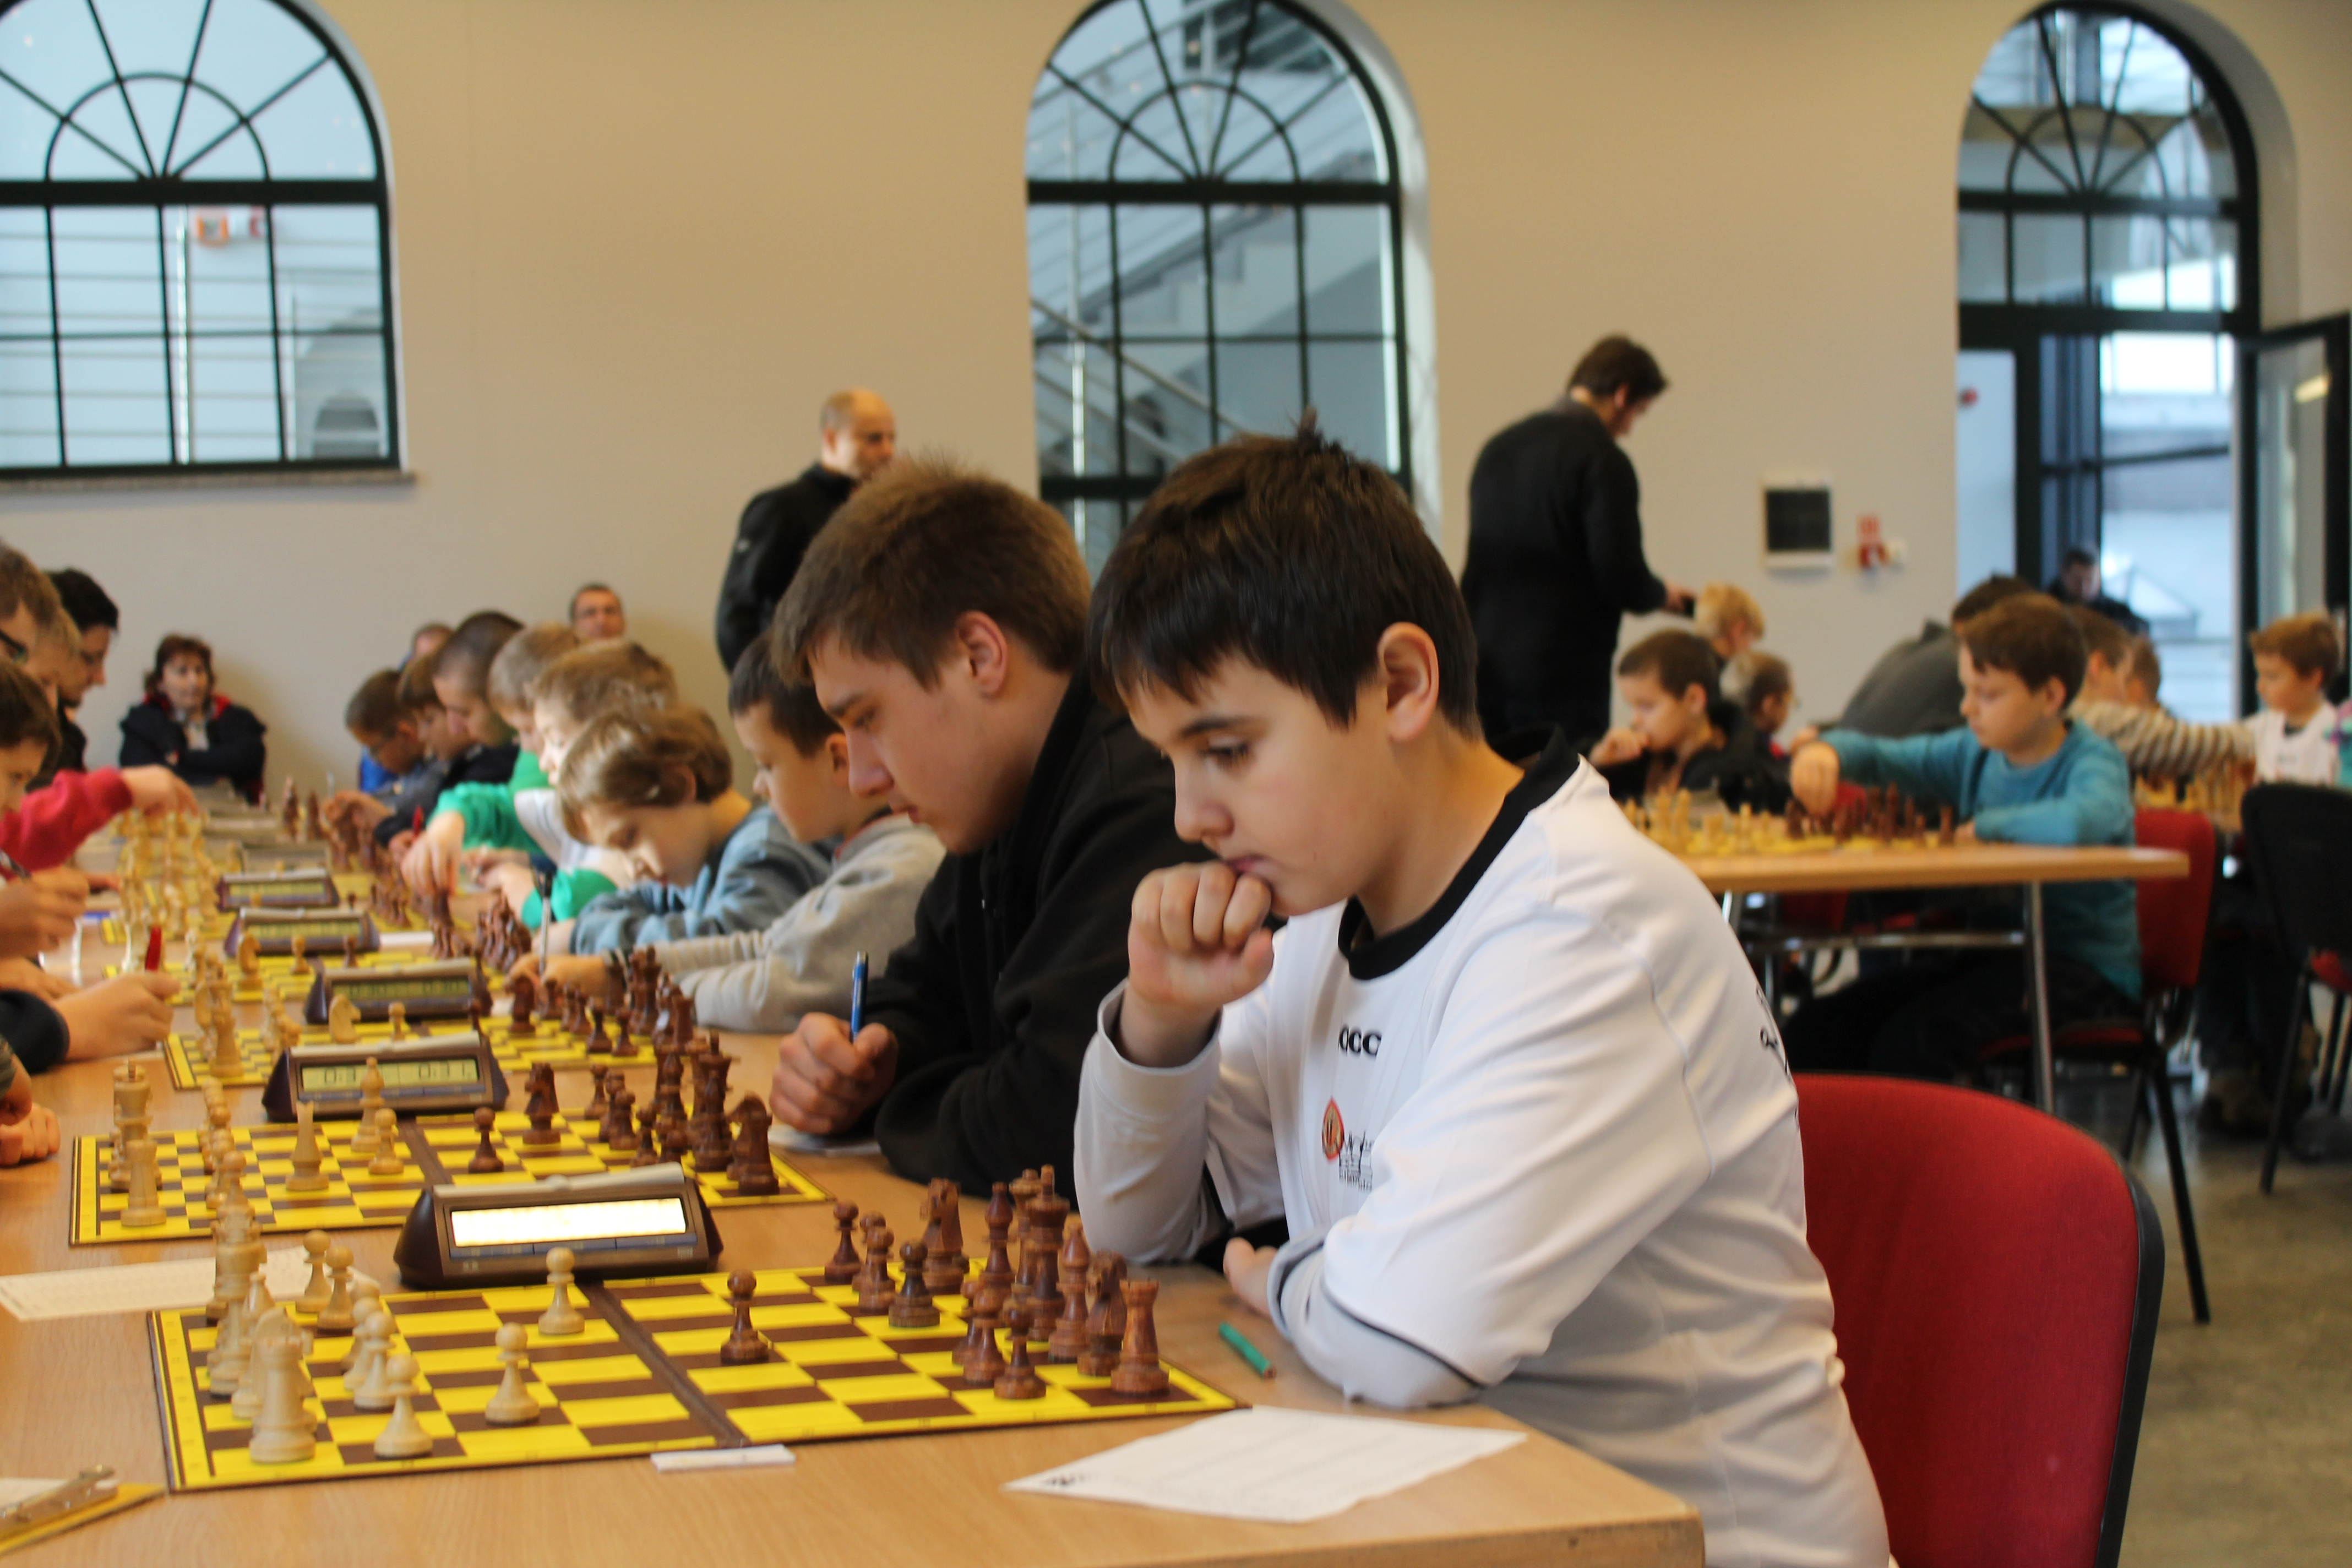 Klasyfikacyjny Turniej Szachowy w Starej Kopalni, Wałbrzych, 13-14.12.2014